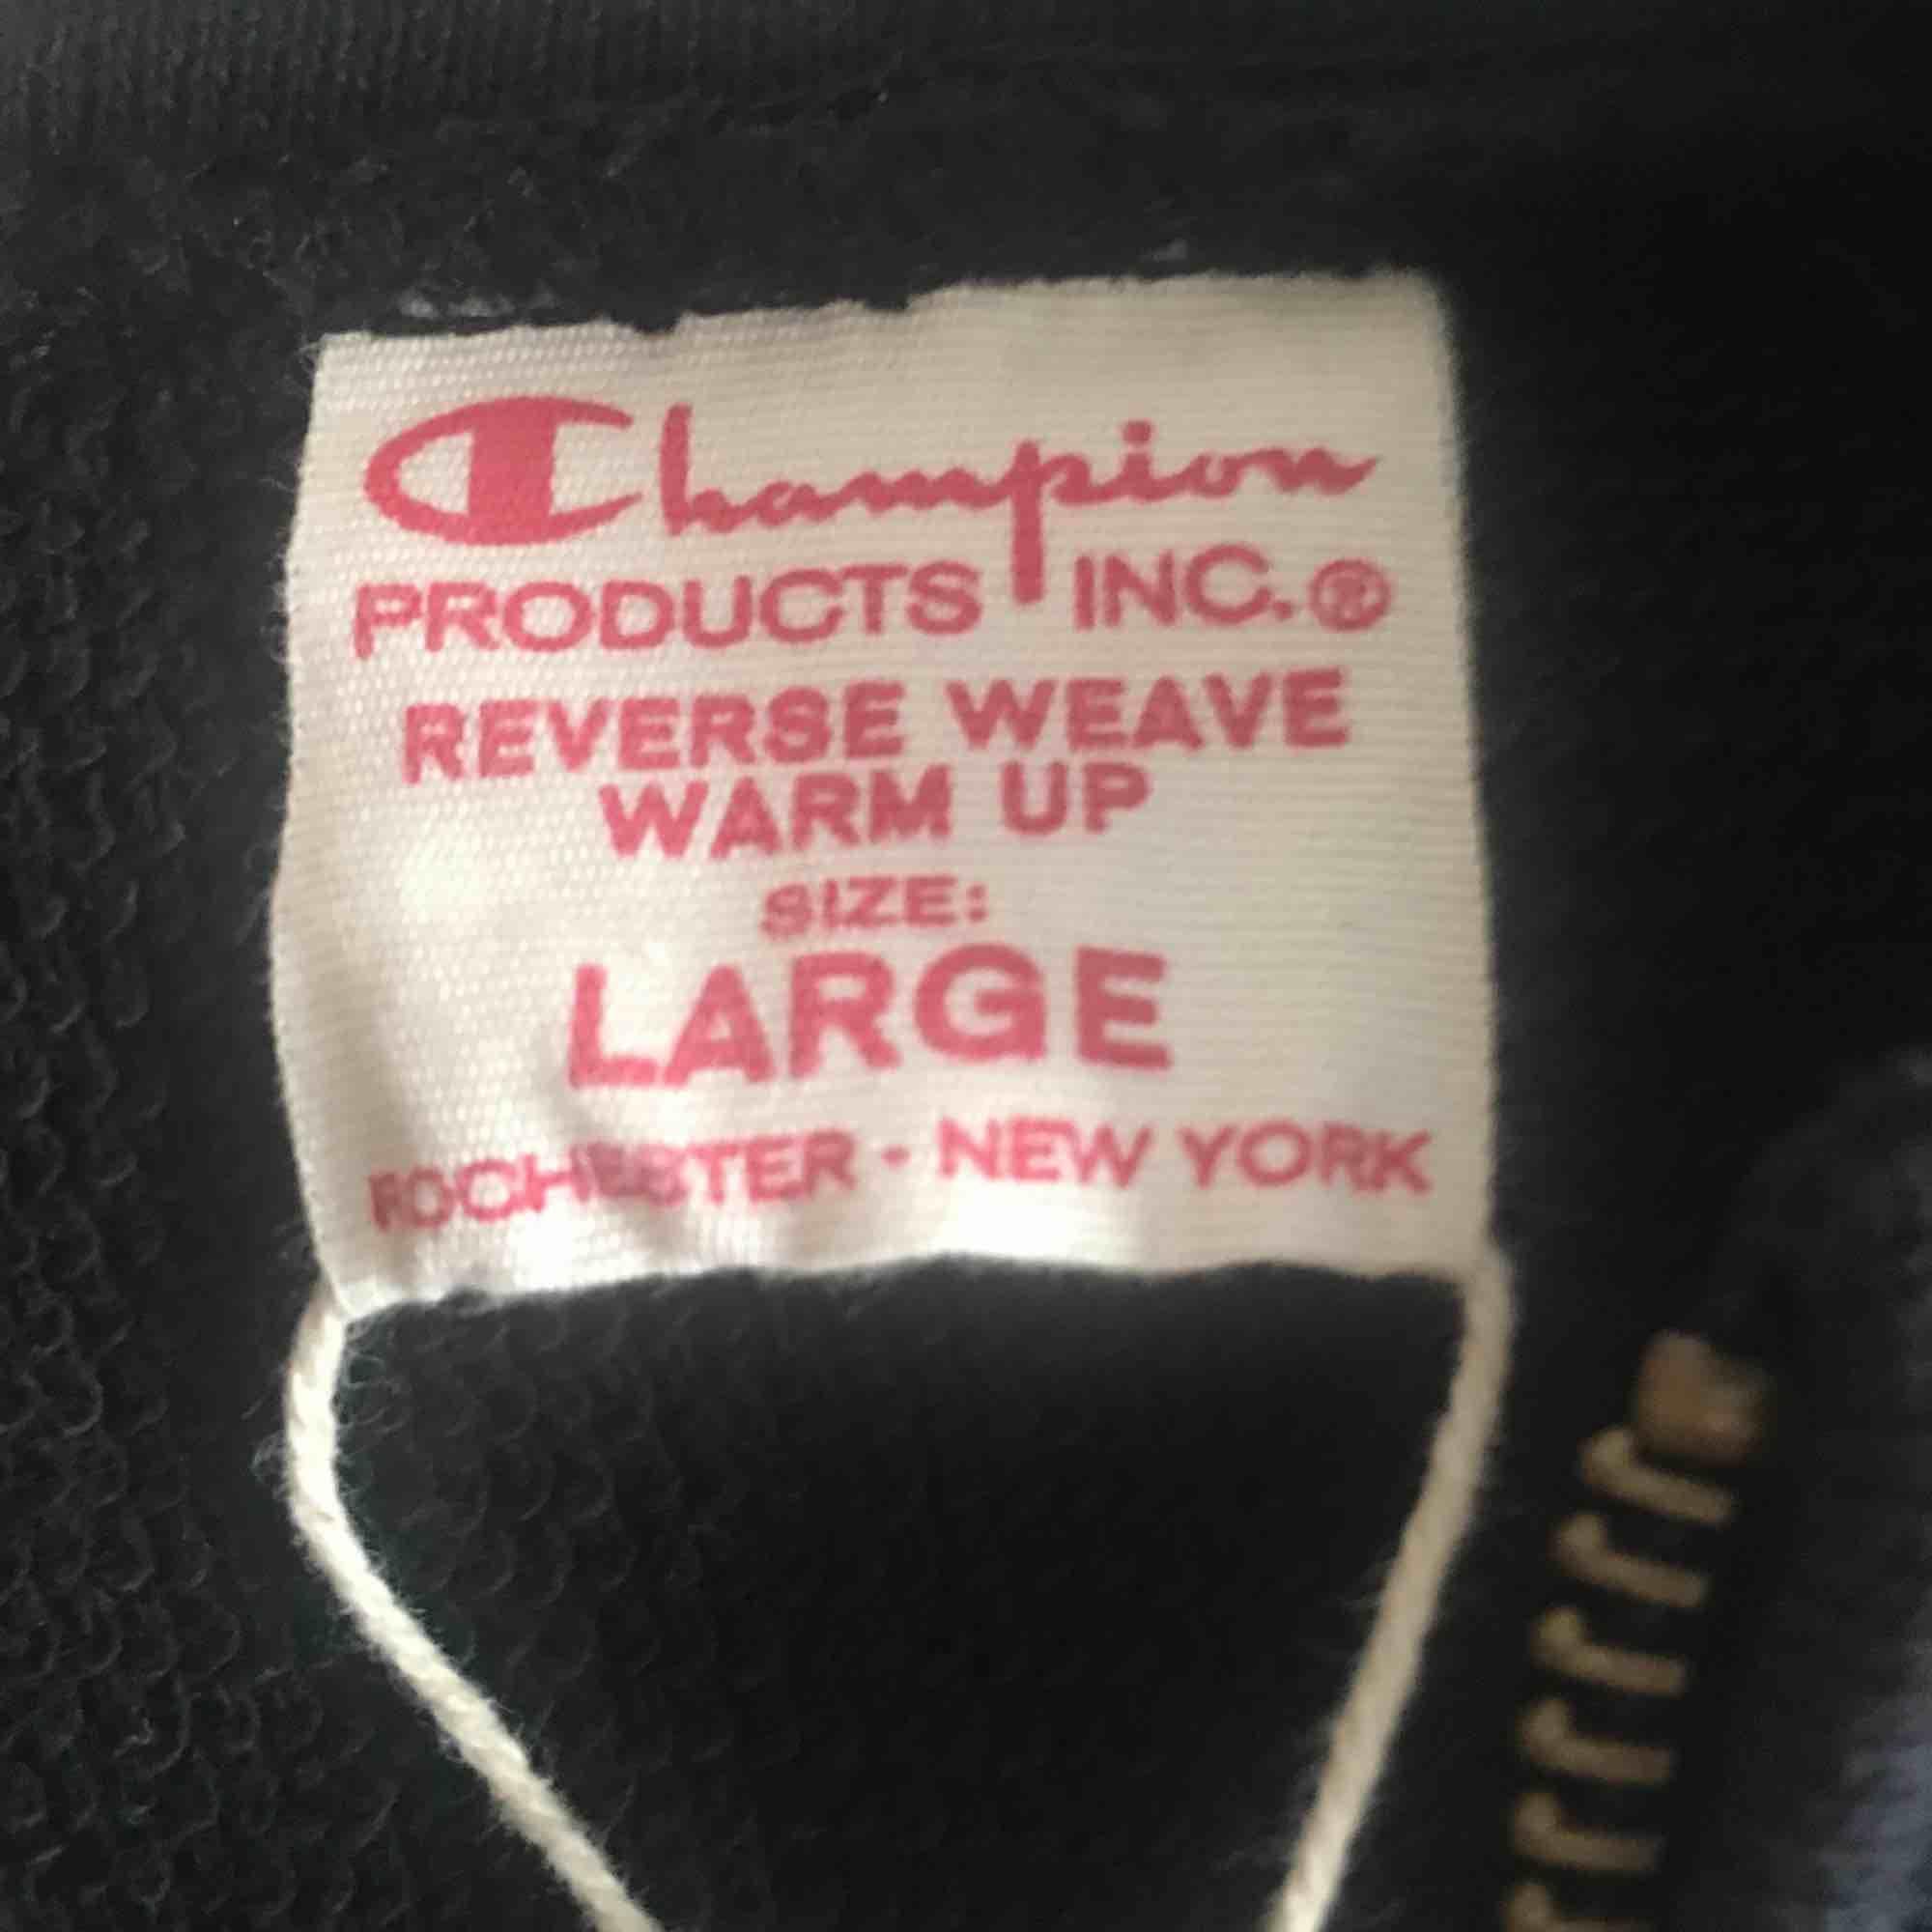 Över najs Champion reverse weave tröja som säljes pågrund av det var ett hastigt impuls köp och tröjan sitter lite för stort. Har aldrig använts utöver att jag har provat den, den sitter dock mer som en M än L!. Tröjor & Koftor.